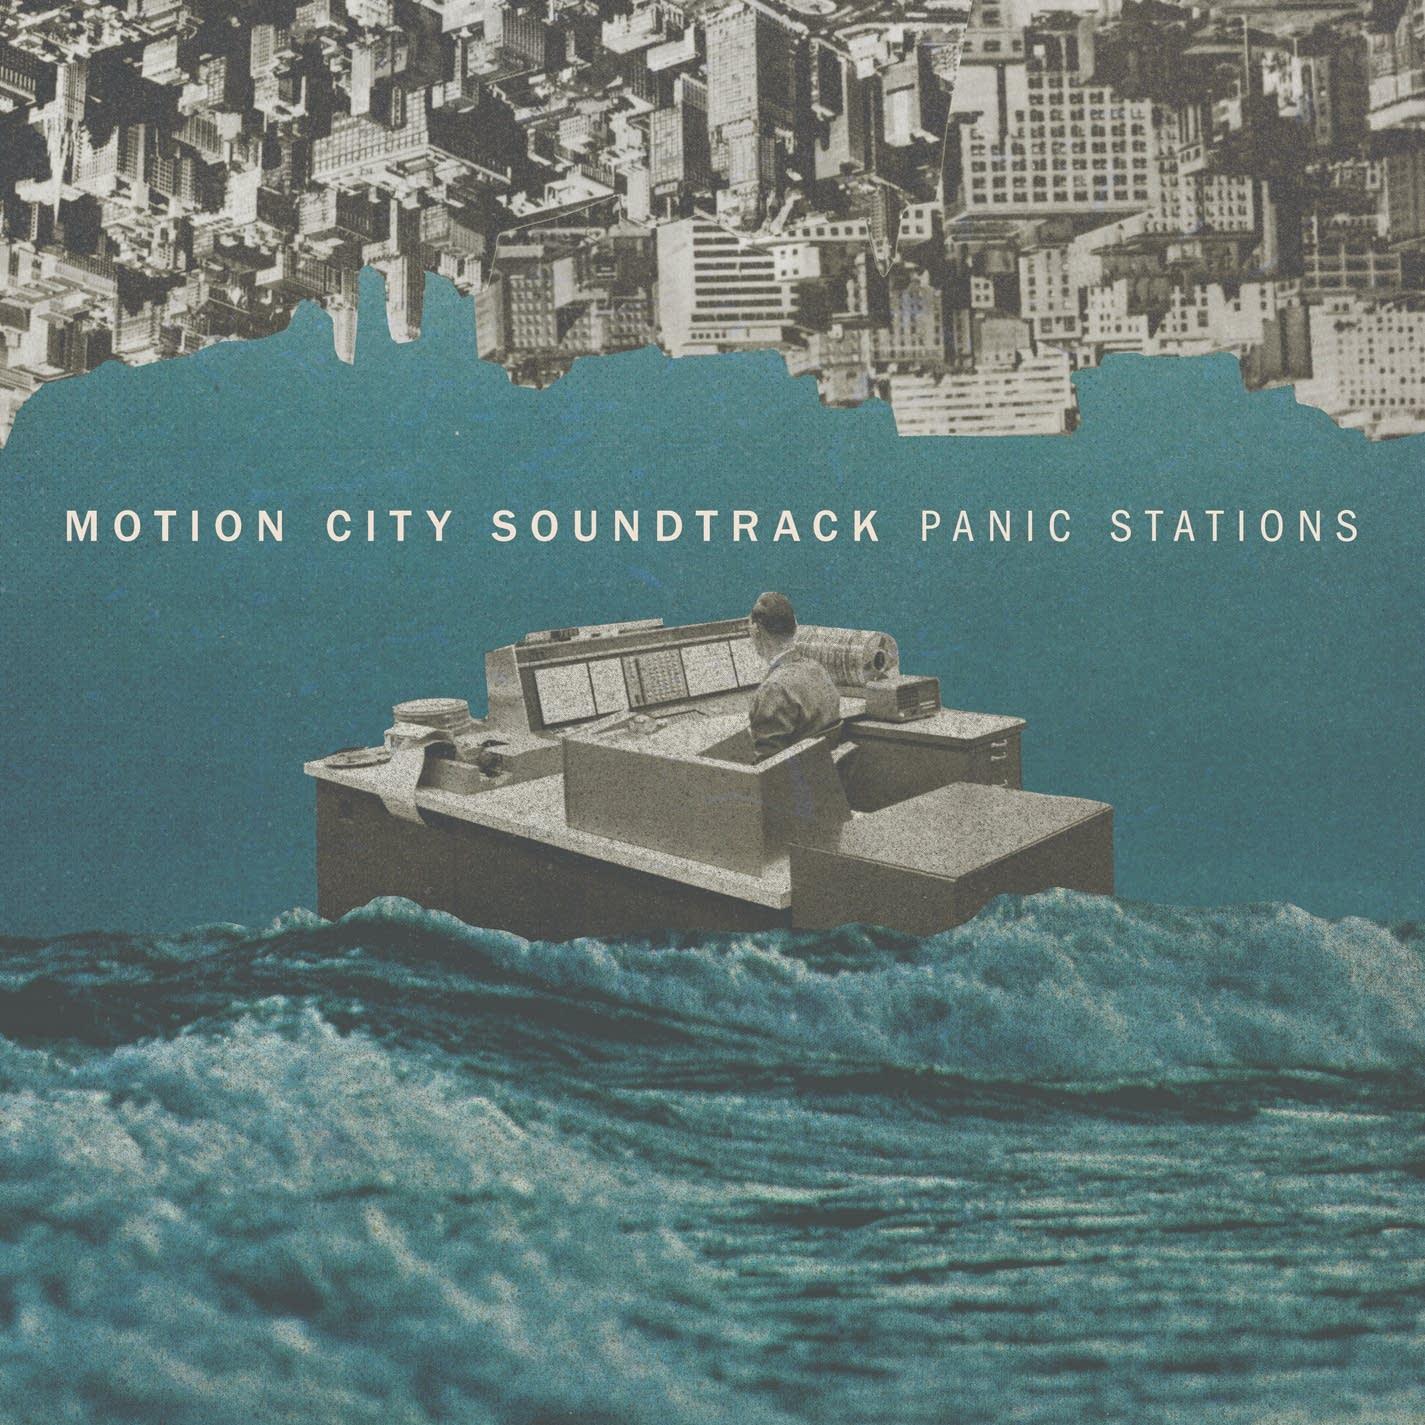 Motion City Soundtrack - Panic Stations